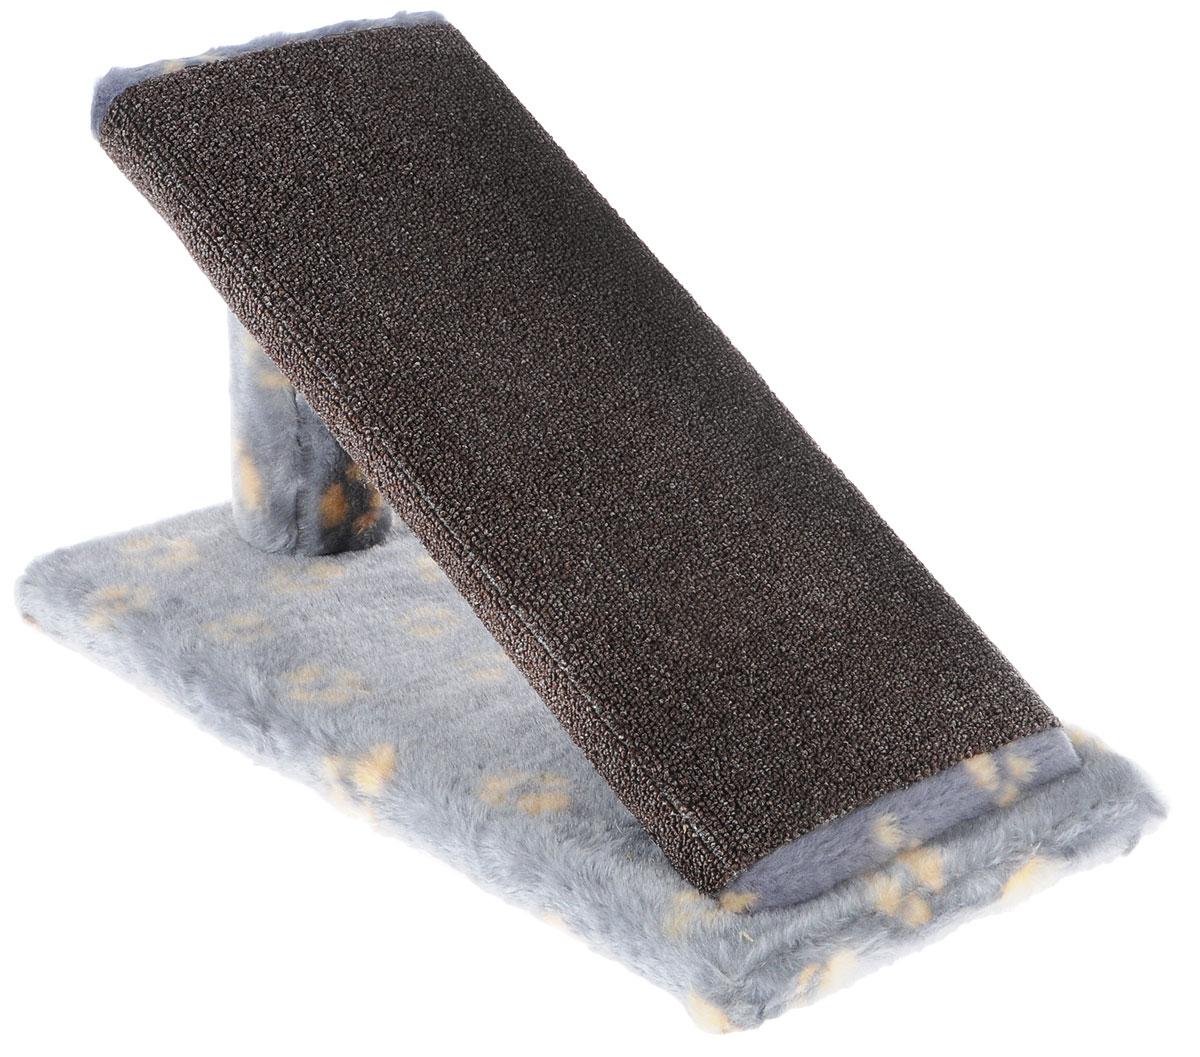 Когтеточка для котят Меридиан Горка, цвет: серый, желтый, коричневый, 45 х 25 х 25 см0120710Когтеточка Меридиан Горка предназначена для стачивания когтей вашего котенка и предотвращения их врастания. Она выполнена из ДВП, ДСП и искусственного меха. Точатся когти о накладку из ковролина. Когтеточка позволяет сохранить неповрежденными мебель и другие предметы интерьера.